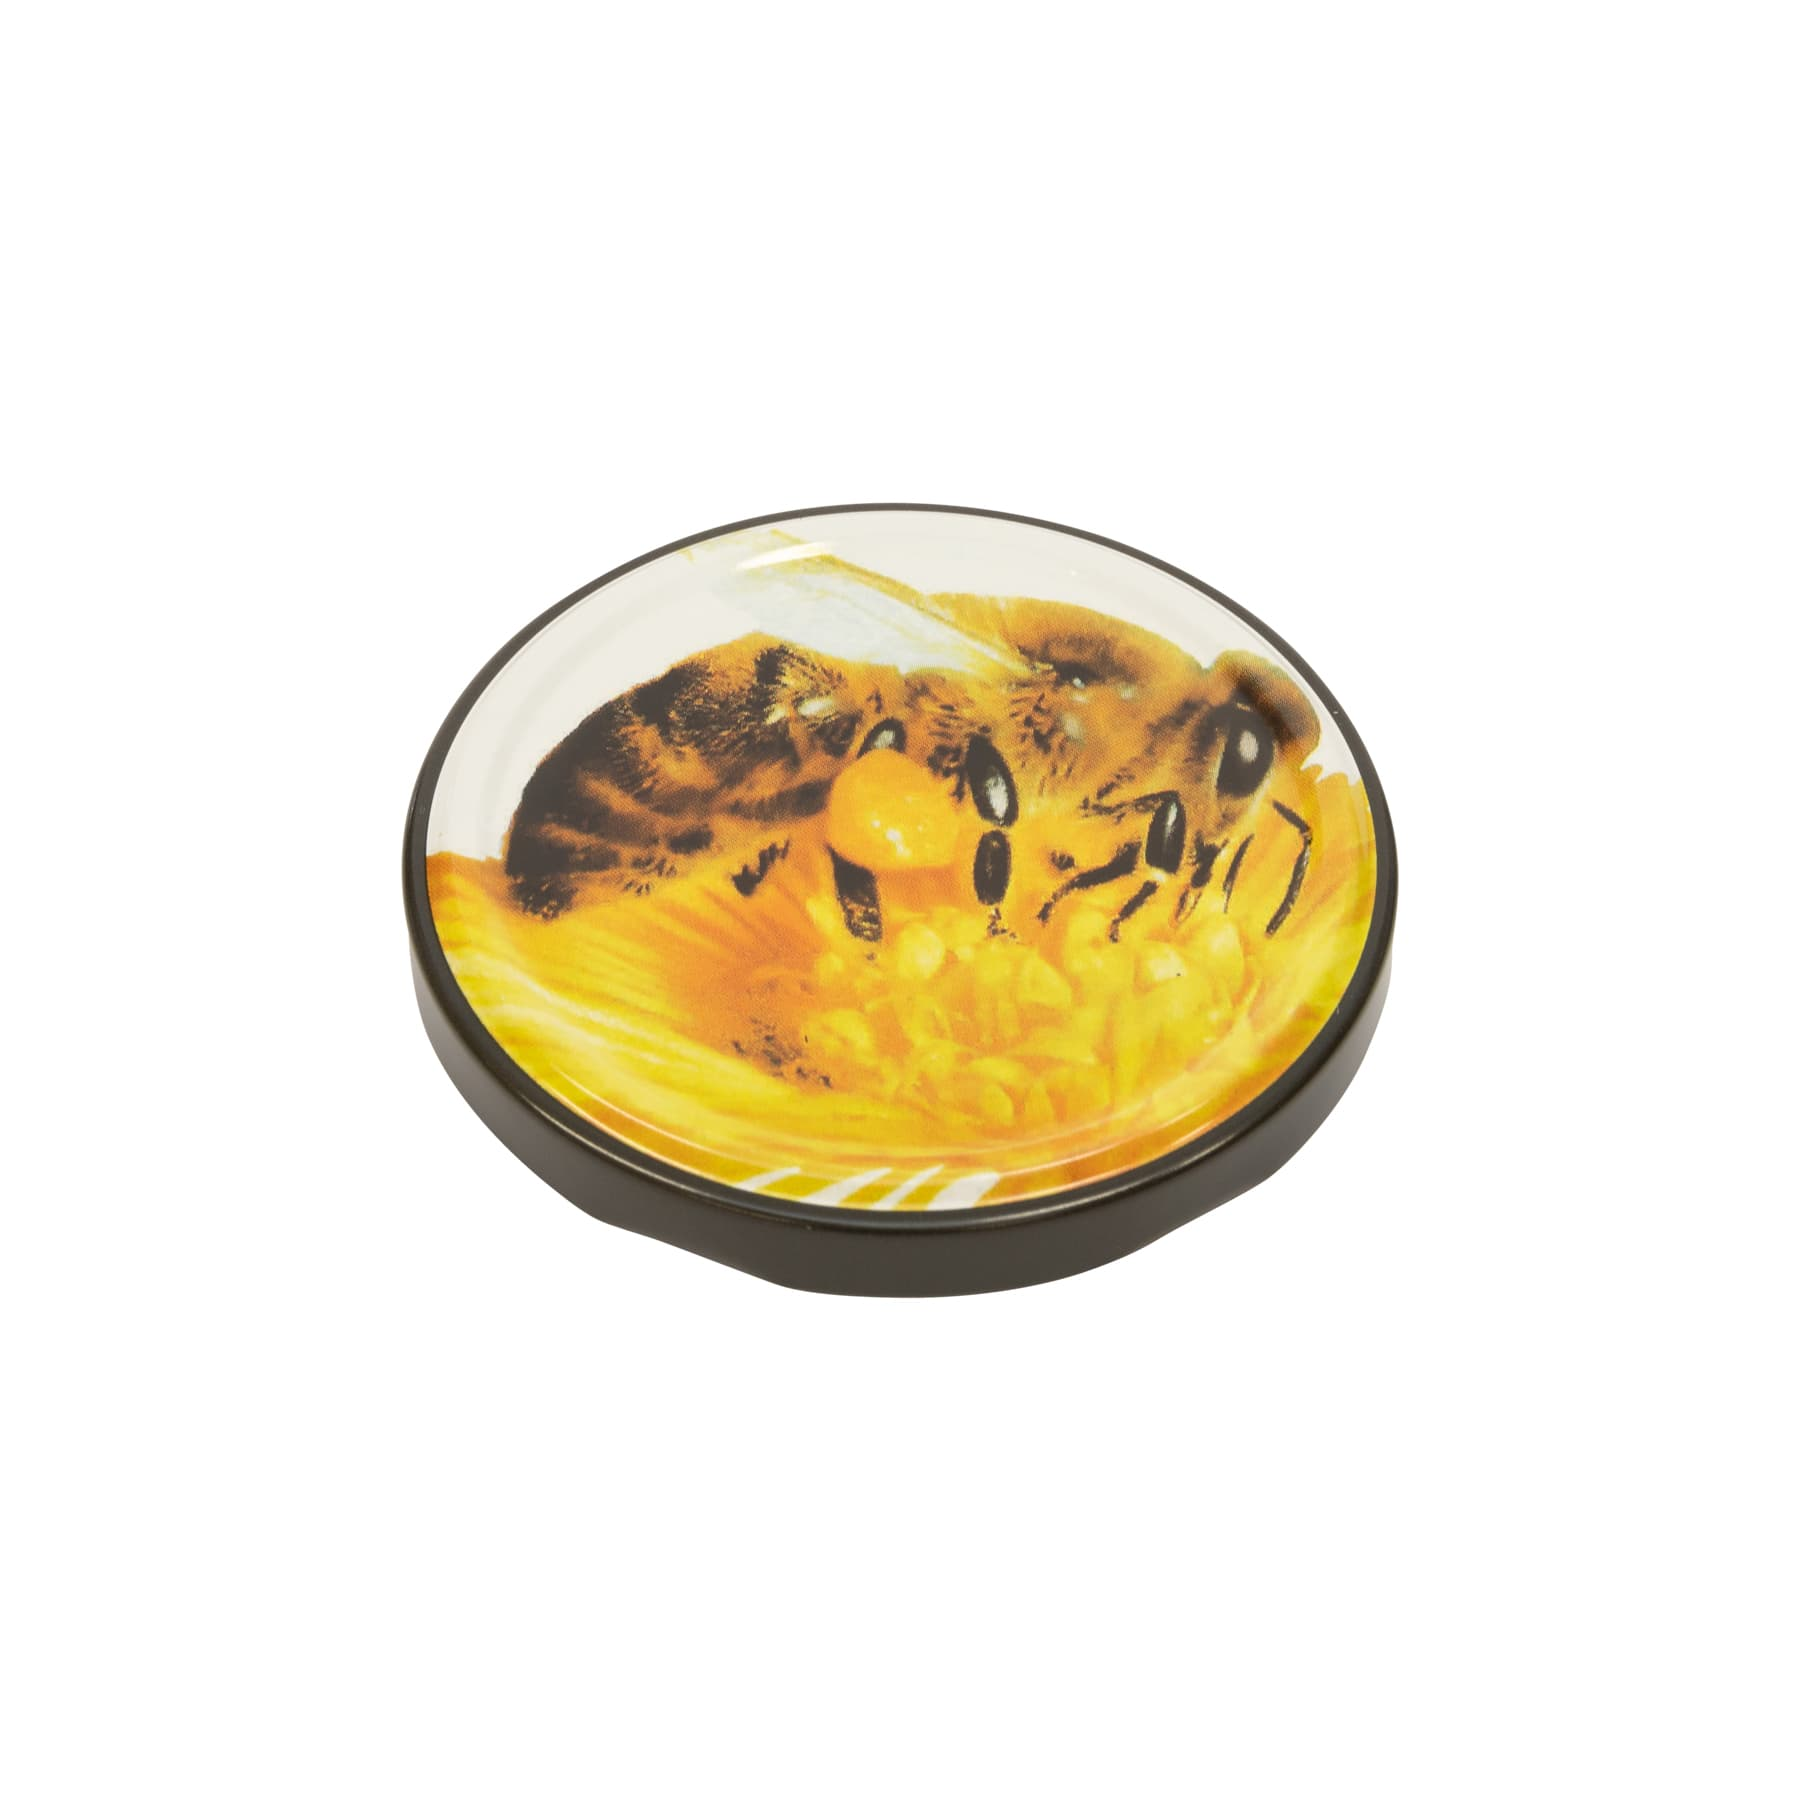 Twist Off Deckel Metall 82 mm mit großer Biene auf Blüte